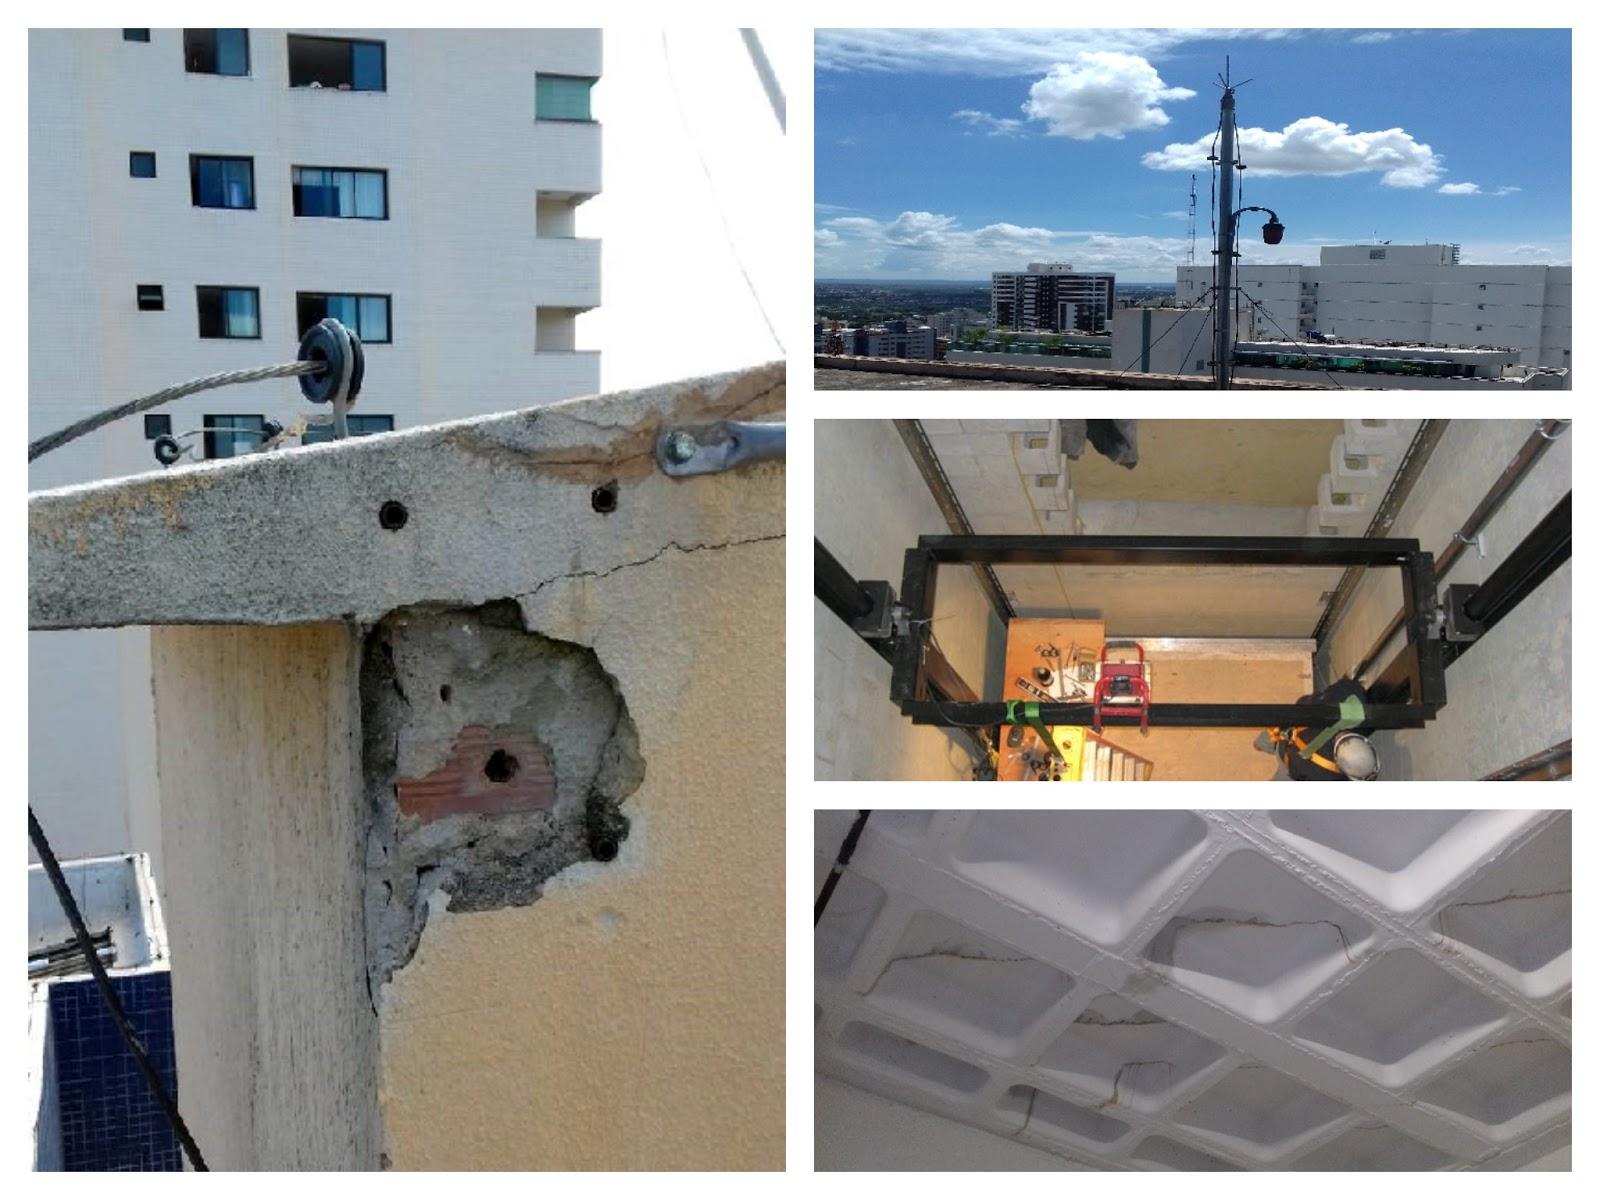 O planos de manutenção deve vir depois da correção das patologias da edificação